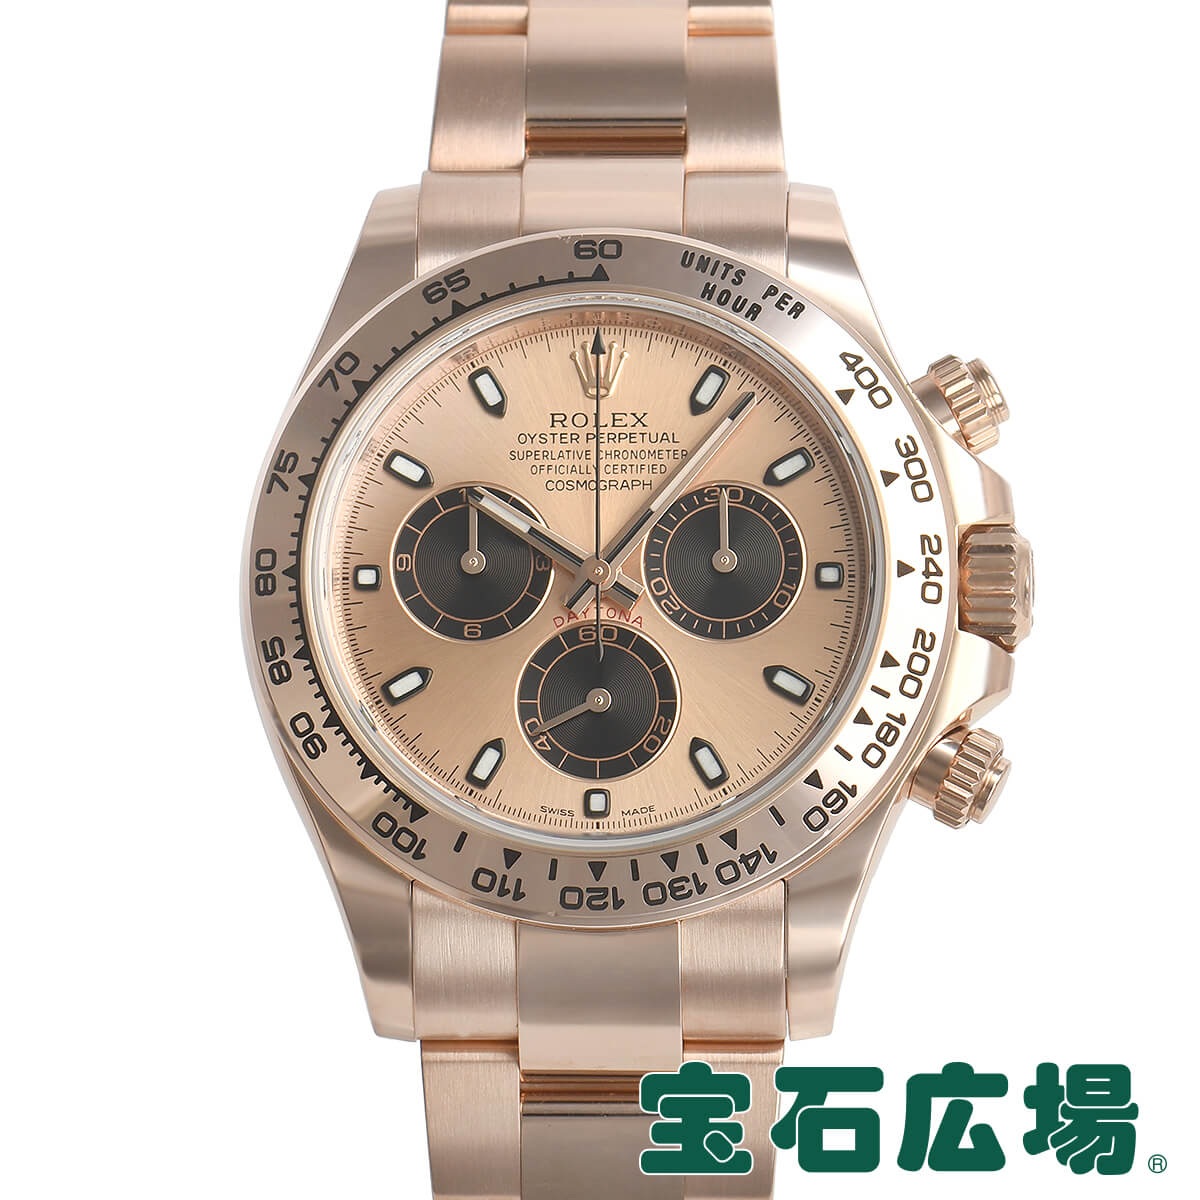 ロレックス ROLEX デイトナ 116505【中古】メンズ 腕時計 送料・代引手数料無料